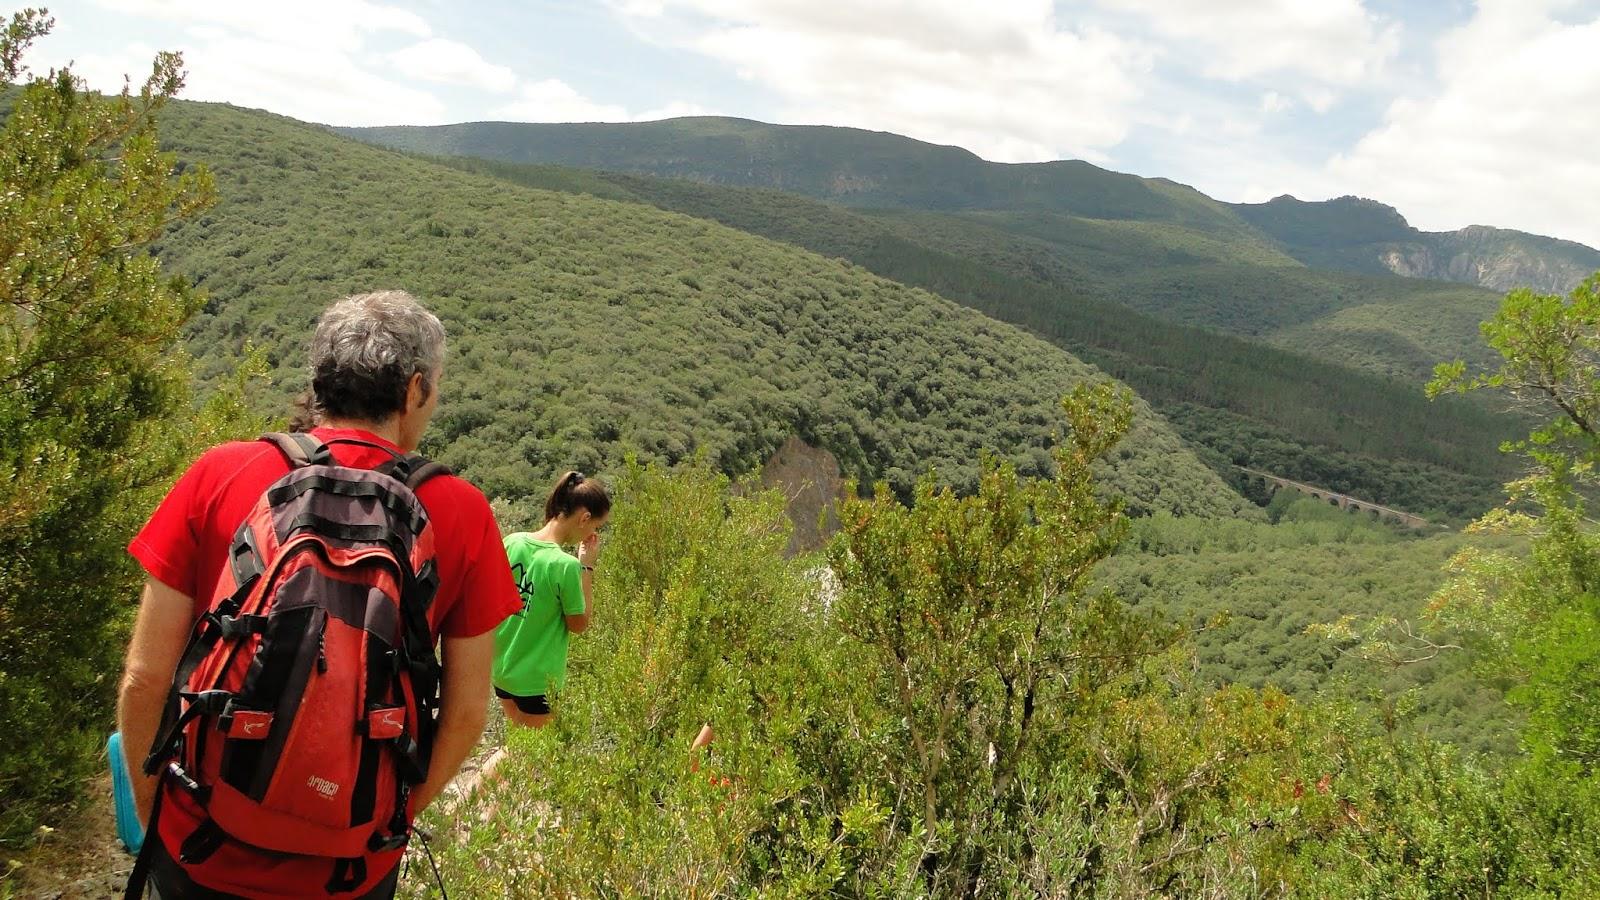 El Sue O De La Ruta Del Lobo Bosque De Zu Iga Valle Del